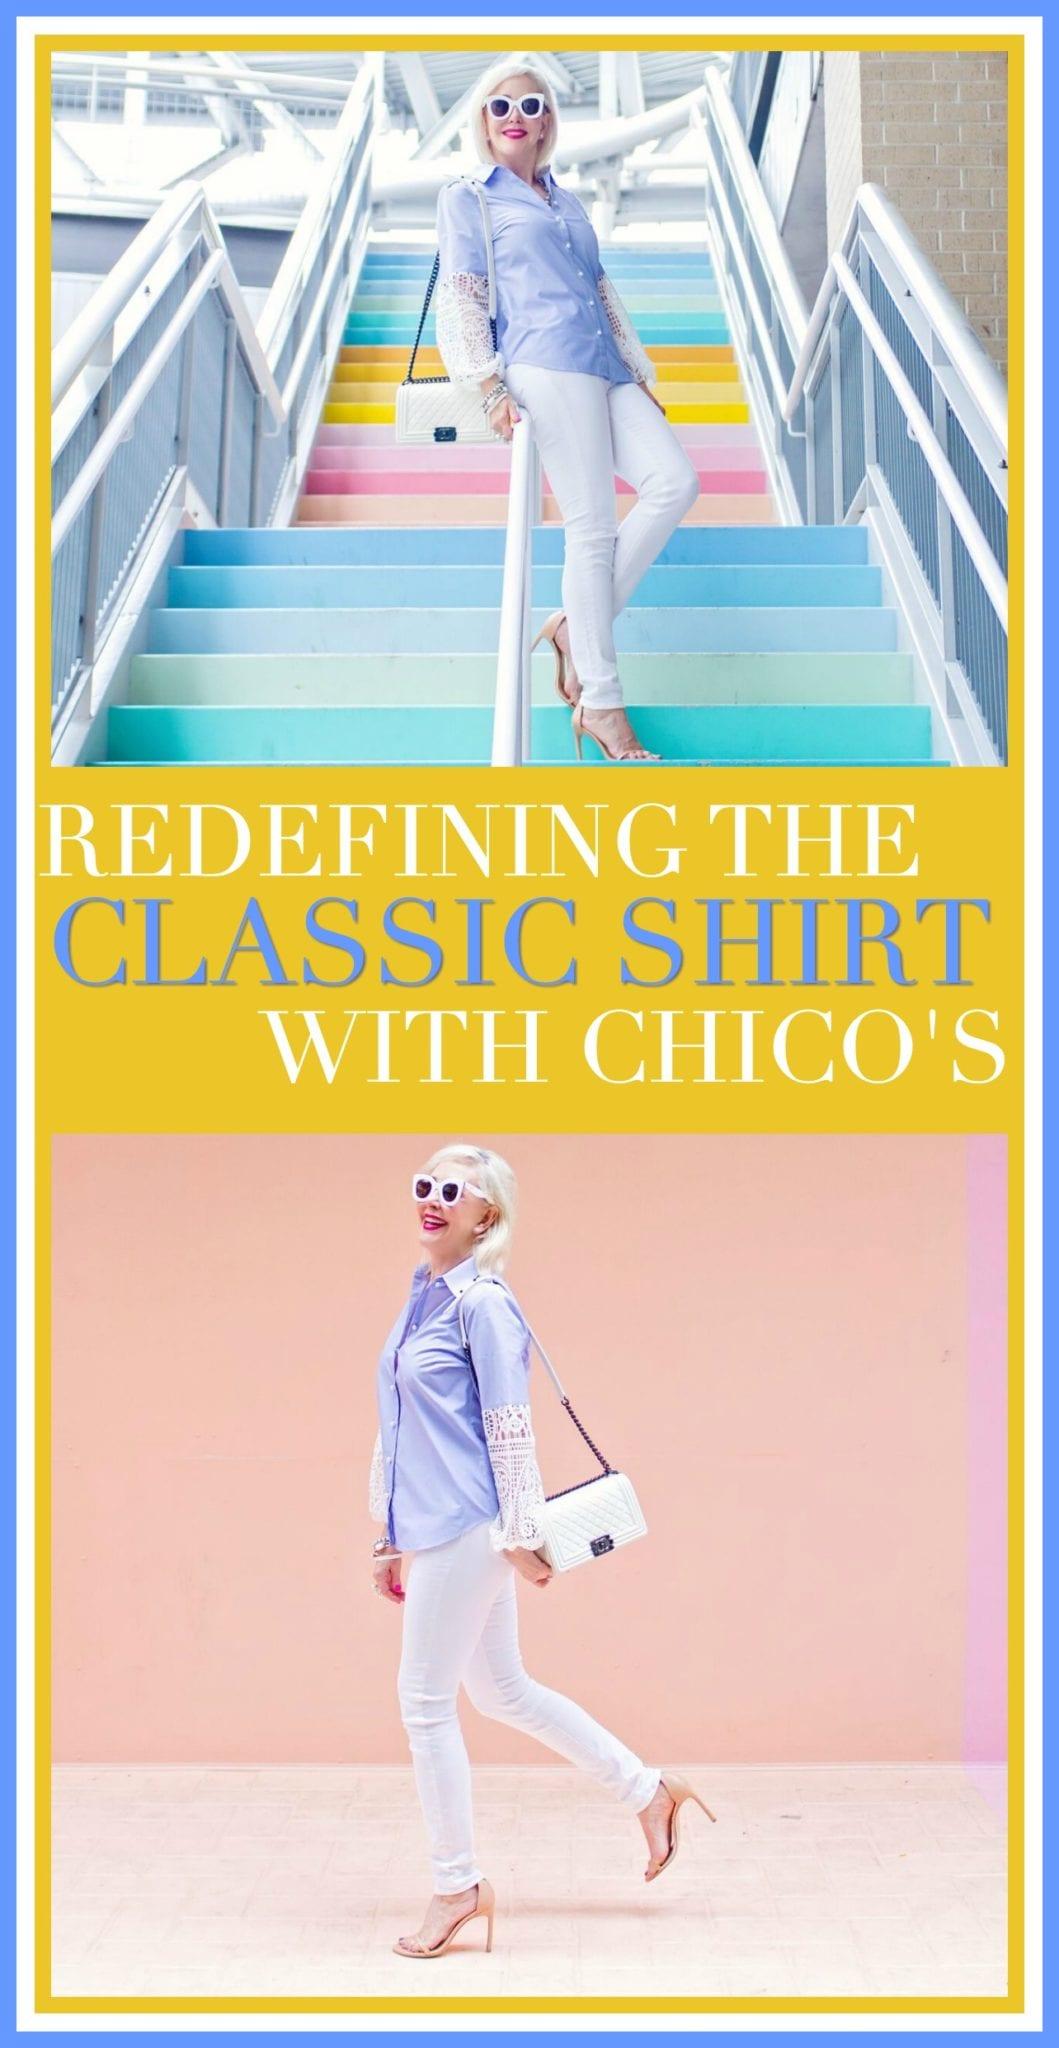 classic shirts, chicos, womens fashions, womens clothing